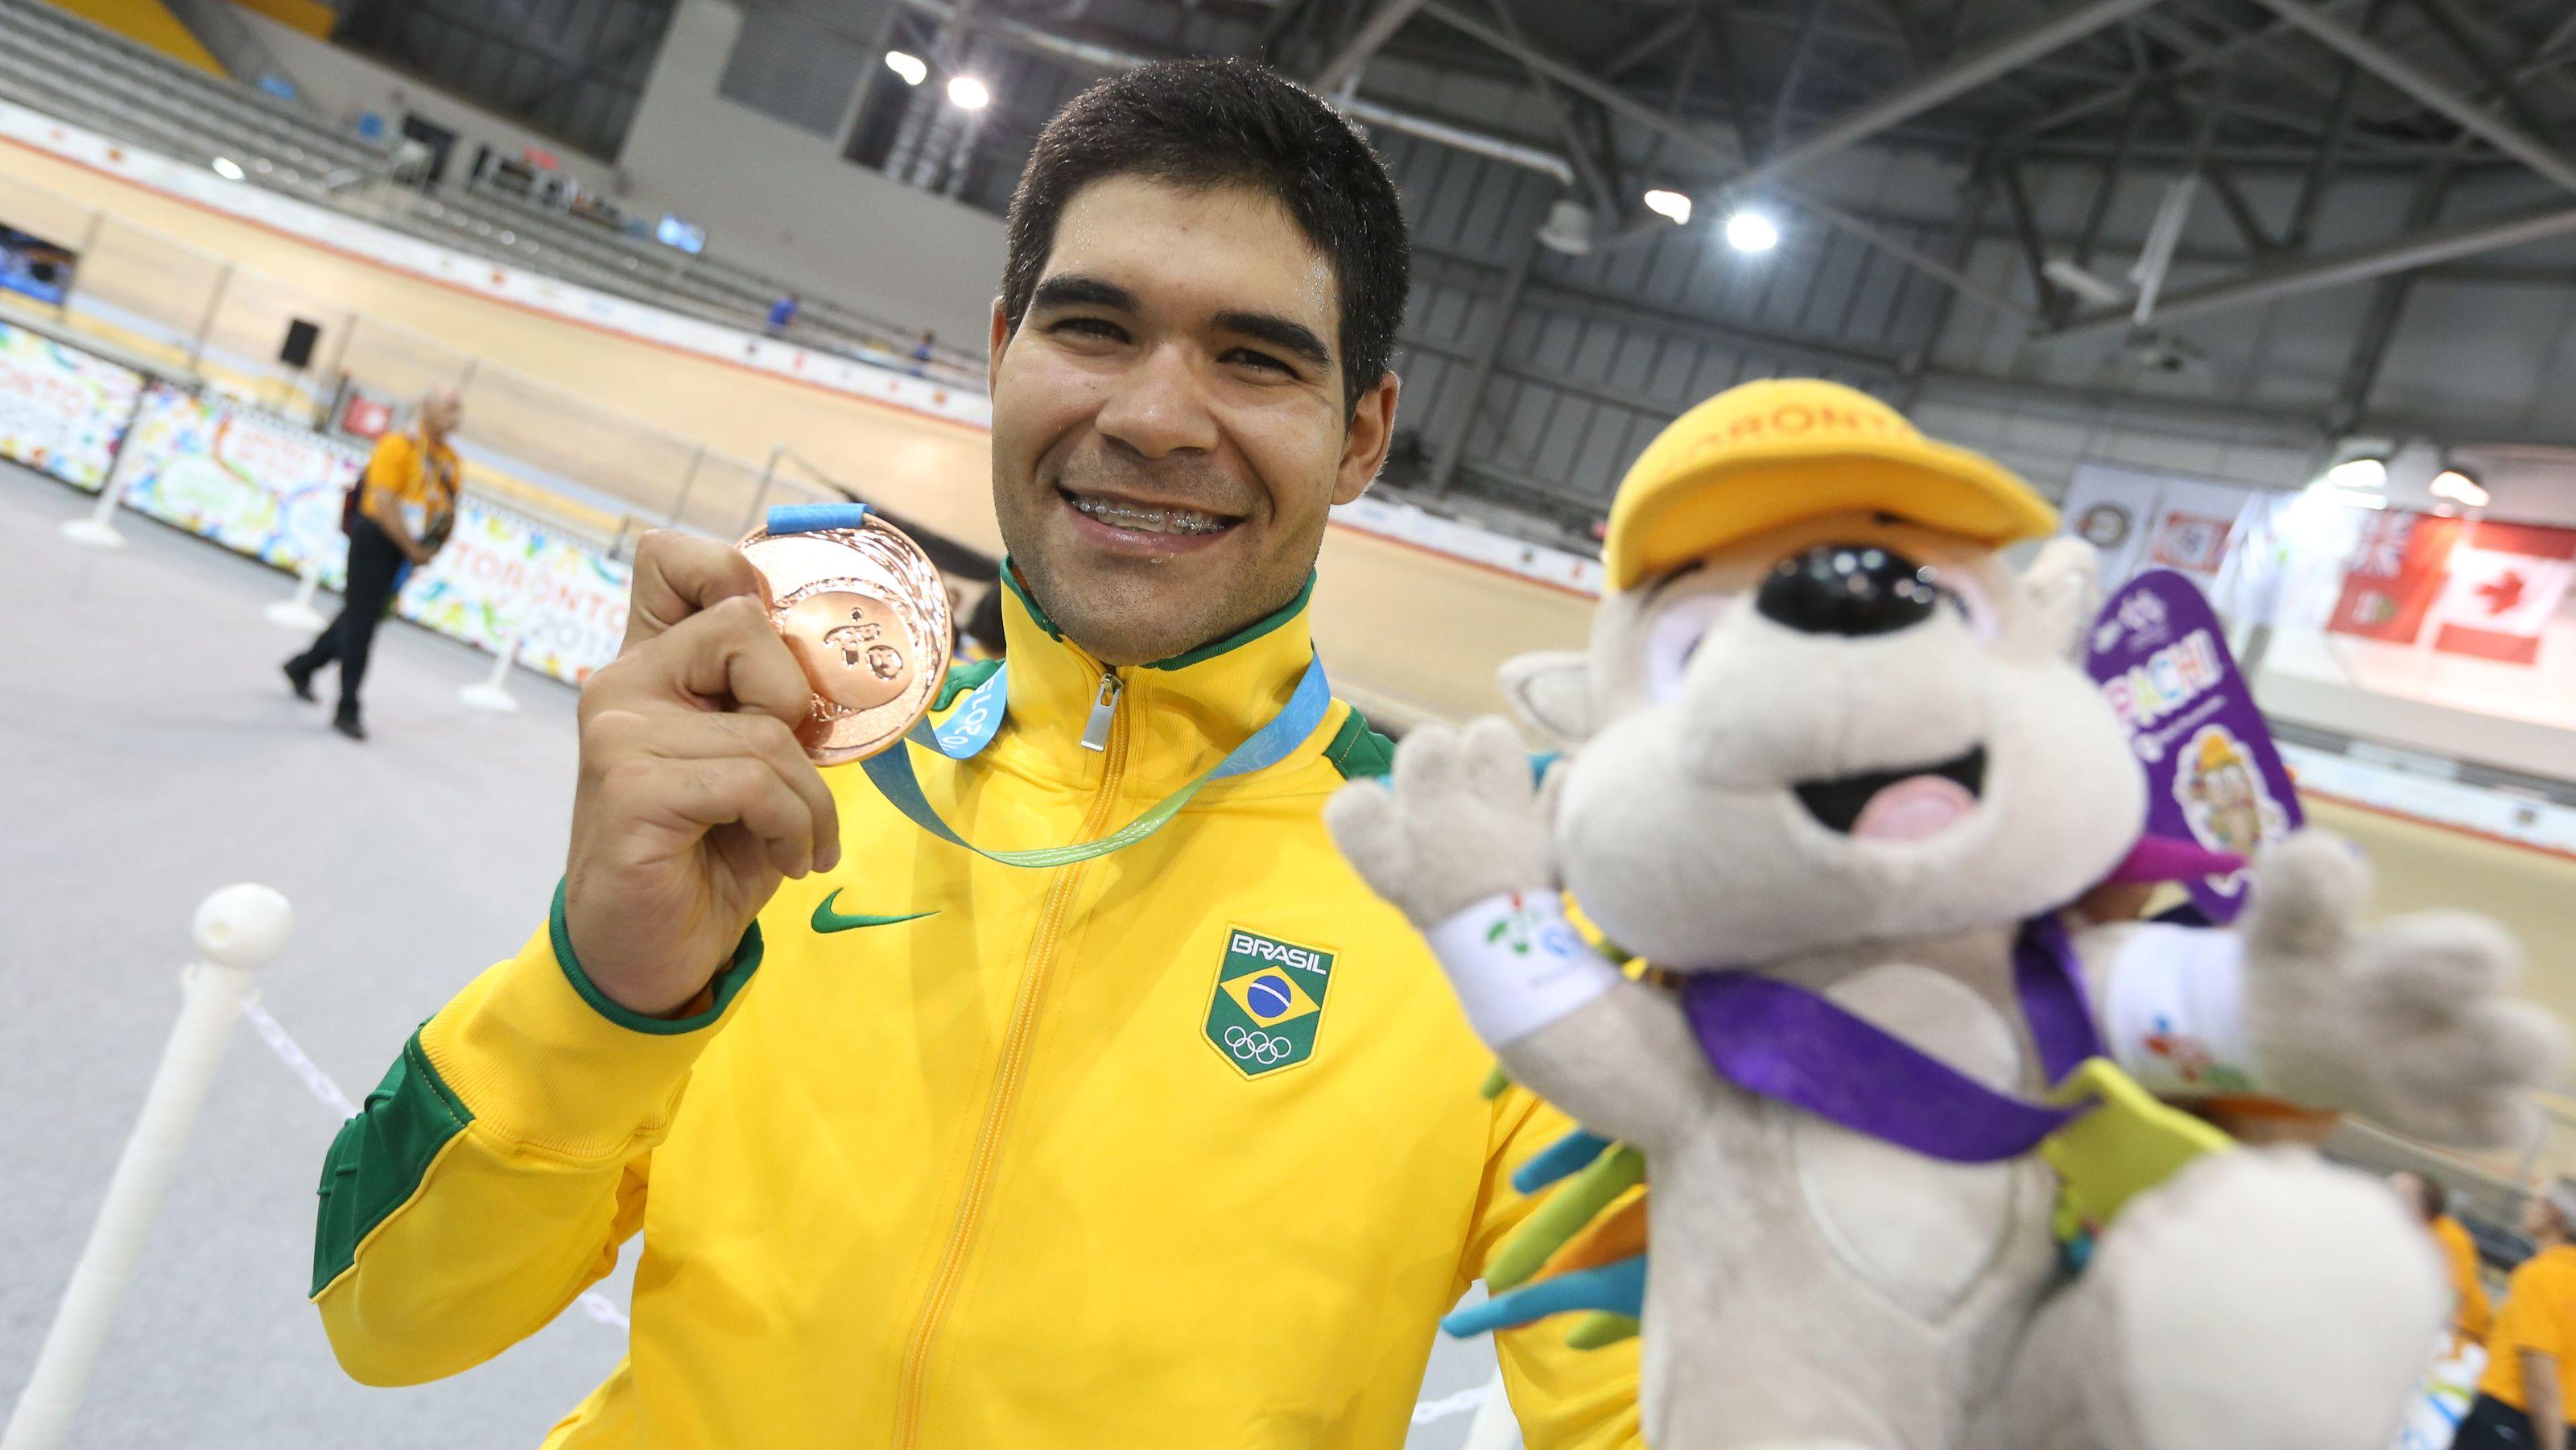 Saiba quem são os representantes do Ceará nos Jogos Olímpicos Rio 2016